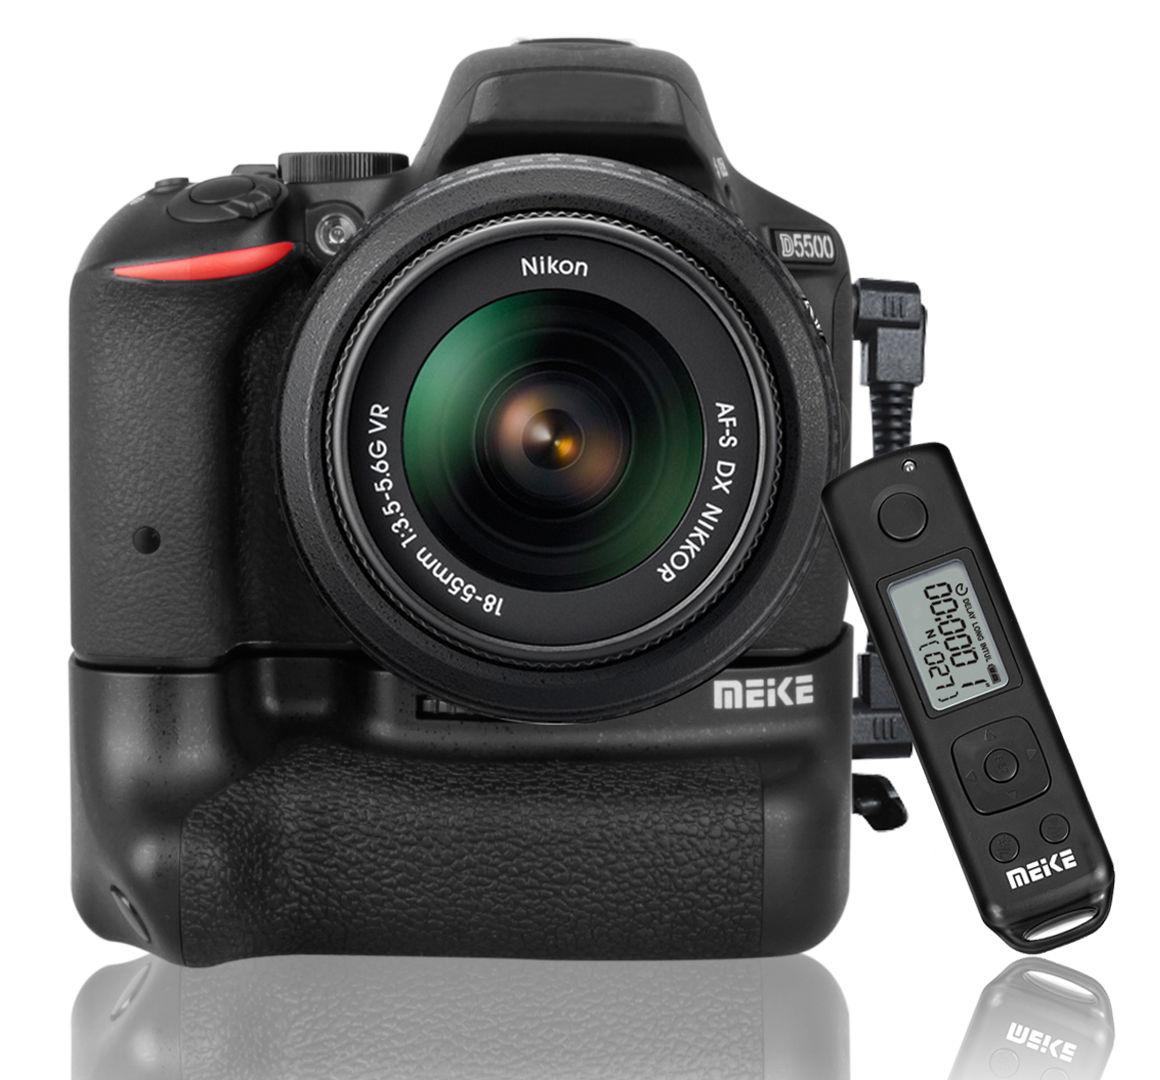 Meike MK-D5500 Pro 2.4G wireless Remote Control Battery Grip Holder for Nikon D5500 meike mk d5500 pro 2 4g wireless remote control vertical battery grip holder for nikon d5500 camera en el14 en el14a